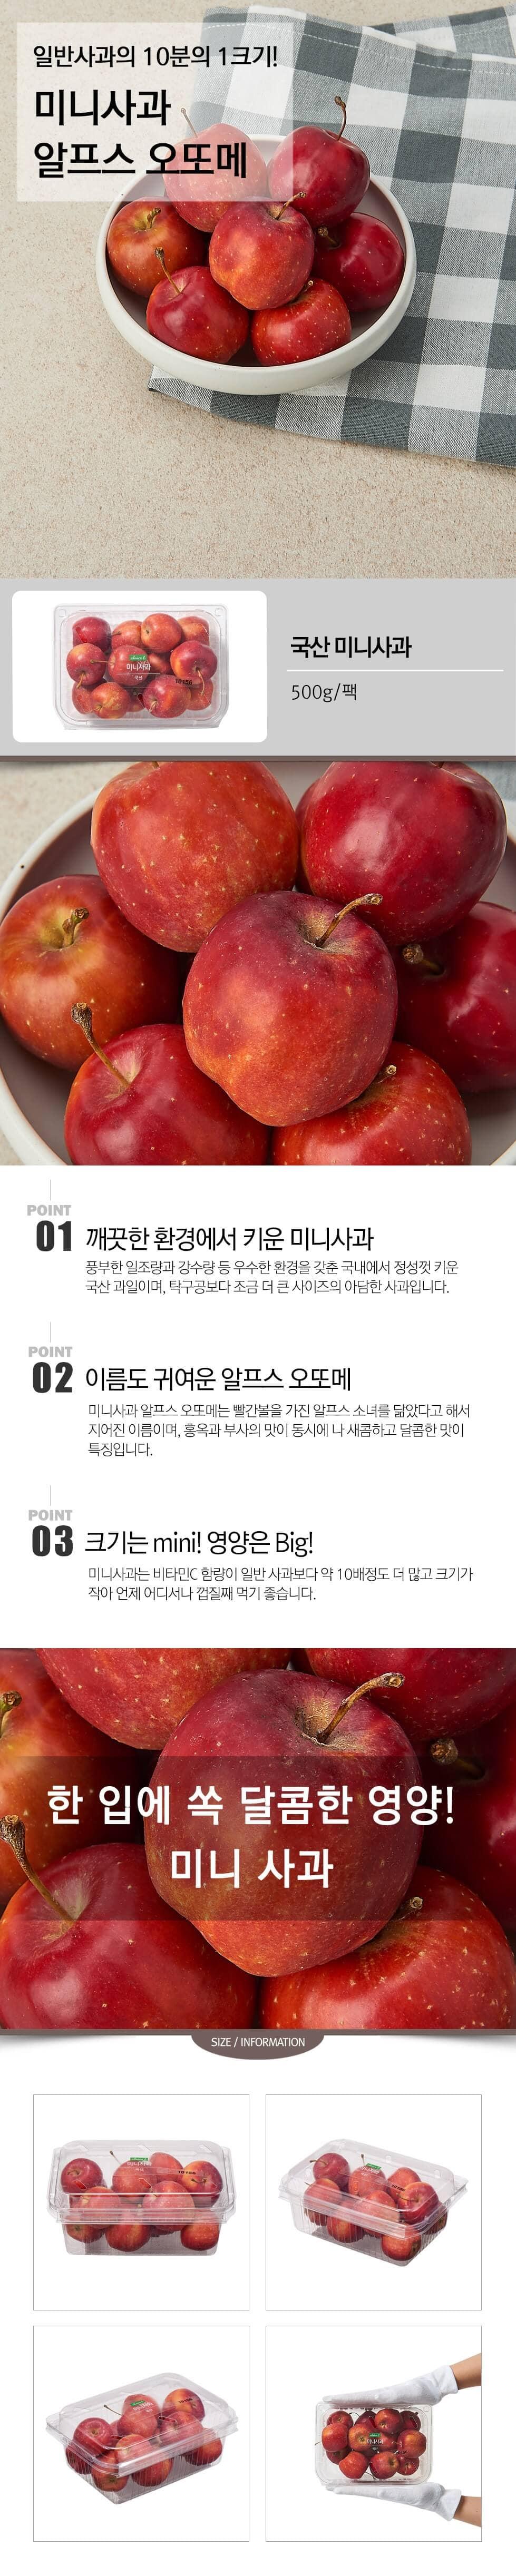 Tao mini (cherry) Han Quoc - vinfruits.com 4 (1)